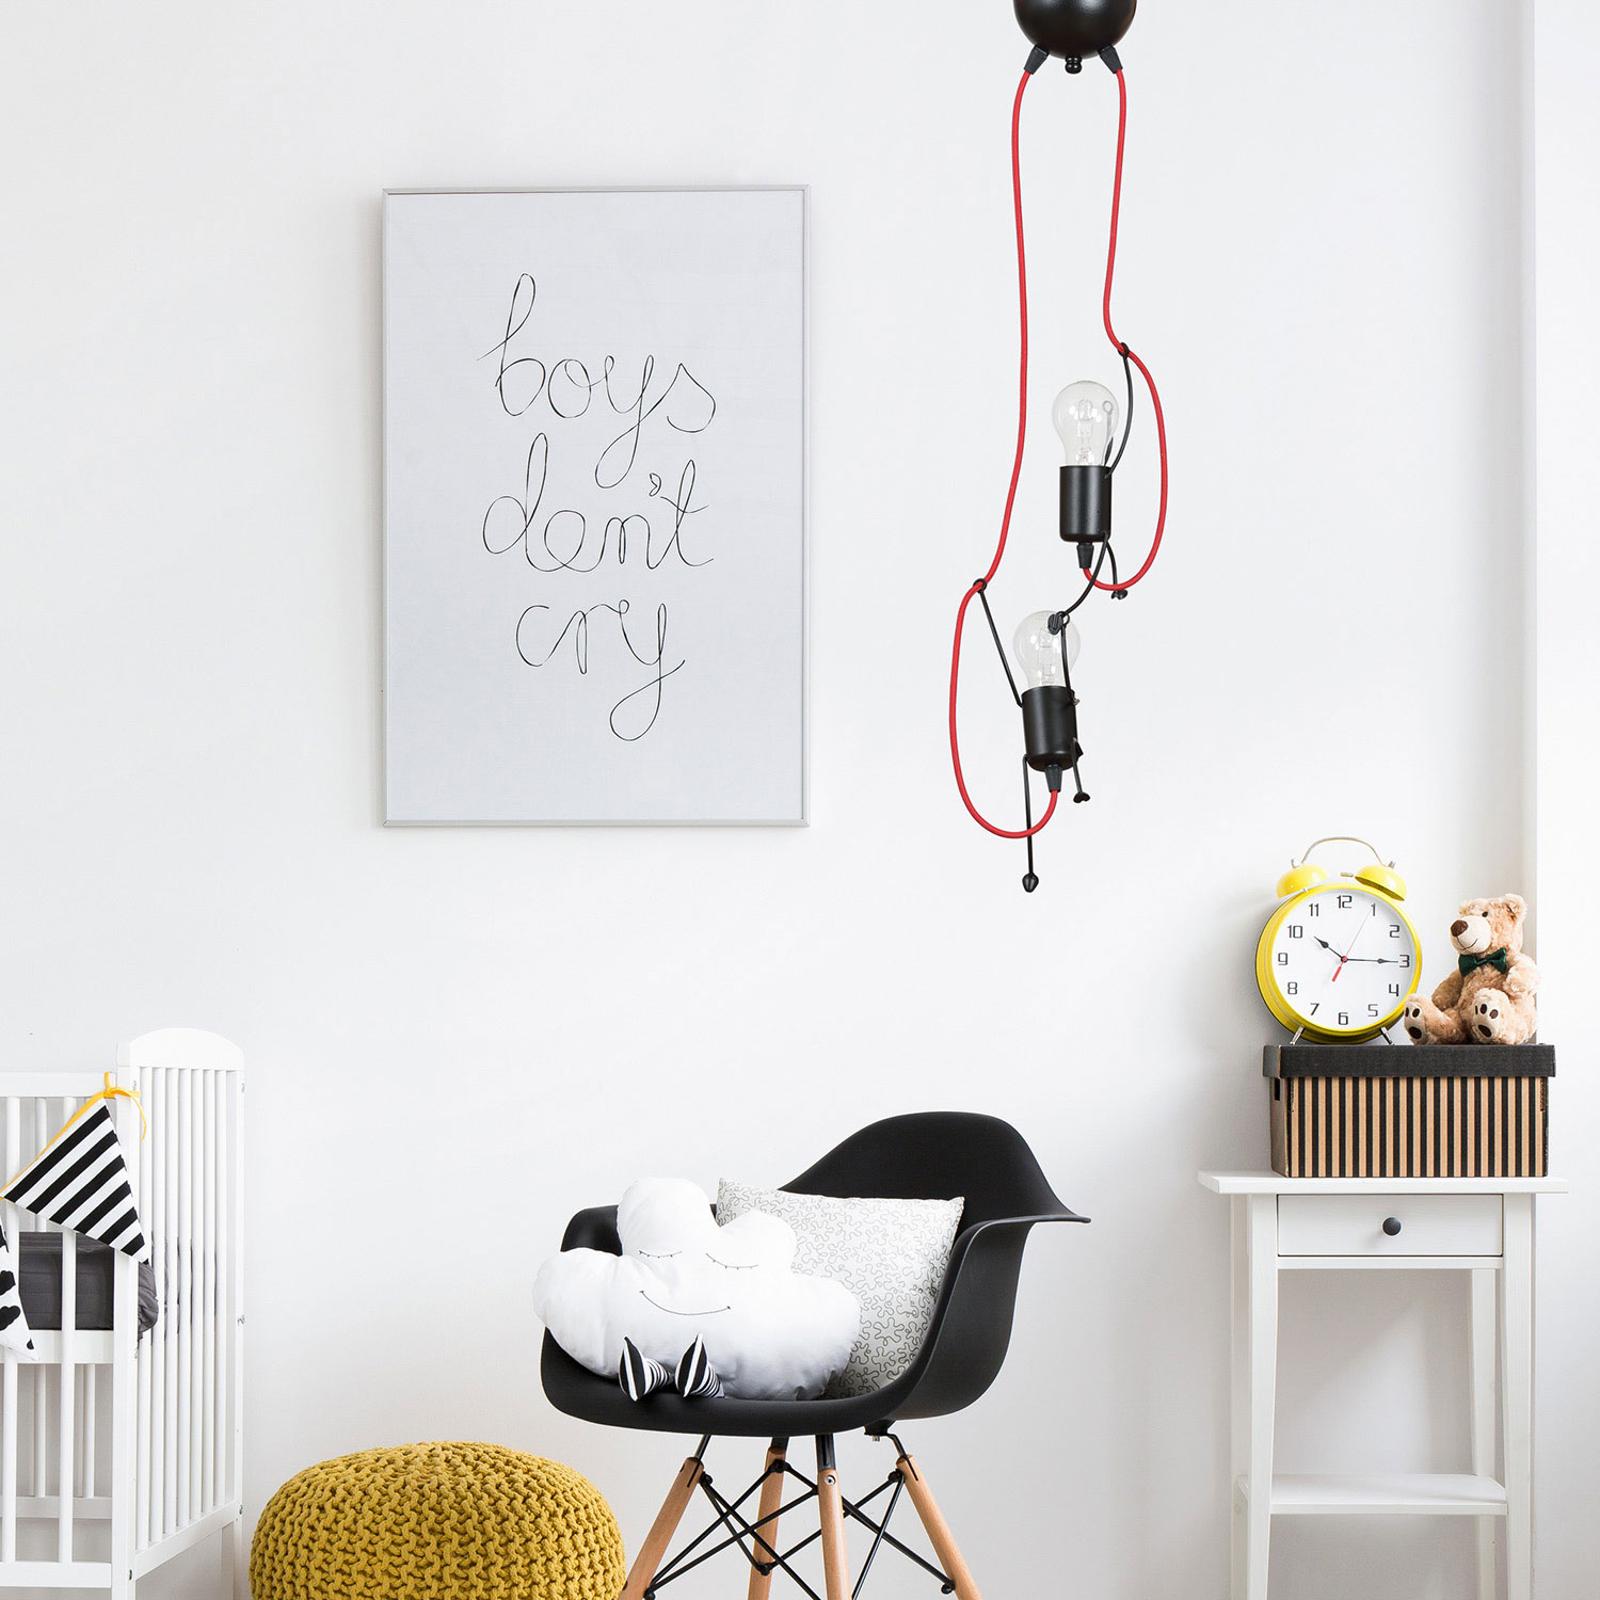 Hanglamp Bobi 2 in zwart, kabel rood, 2-lamps